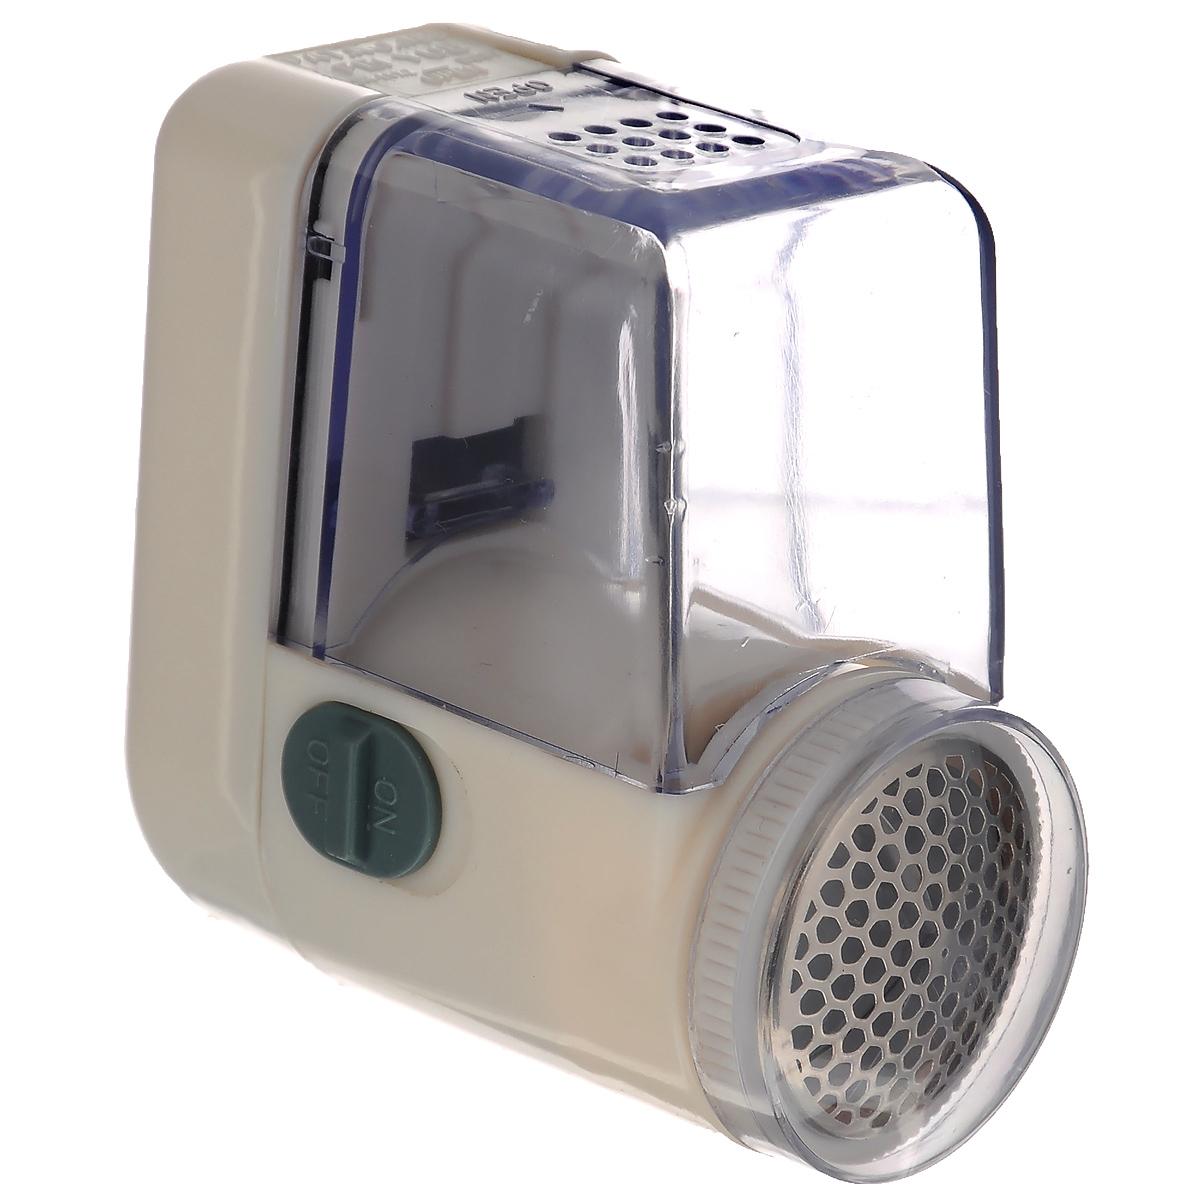 Машинка для удаления катышков Bradex, цвет: белыйTD 0247Машинка для удаления катышков Bradex, изготовленная из высококачественного пластика и металла, - это надежное устройство, которое позволит вам вернуть одежде презентабельный внешний вид. Можно больше не выбрасывать любимую кофту, которая потеряла былую привлекательность из-за скопившихся катышков. Достаточно просто провести машинкой по ткани, и она удалит лишние ворсинки. Устройство очень легко использовать, оно удобно лежит в руке и не занимает много места. Машинка подходит не только для одежды. Ее можно использовать со всеми видами тканей. Воспользуйтесь машинкой и поддерживайте покрывала, занавески или обивку мебели в прекрасном состоянии.Машинка работает от 2 батареек типа AA (не входят в комплект).